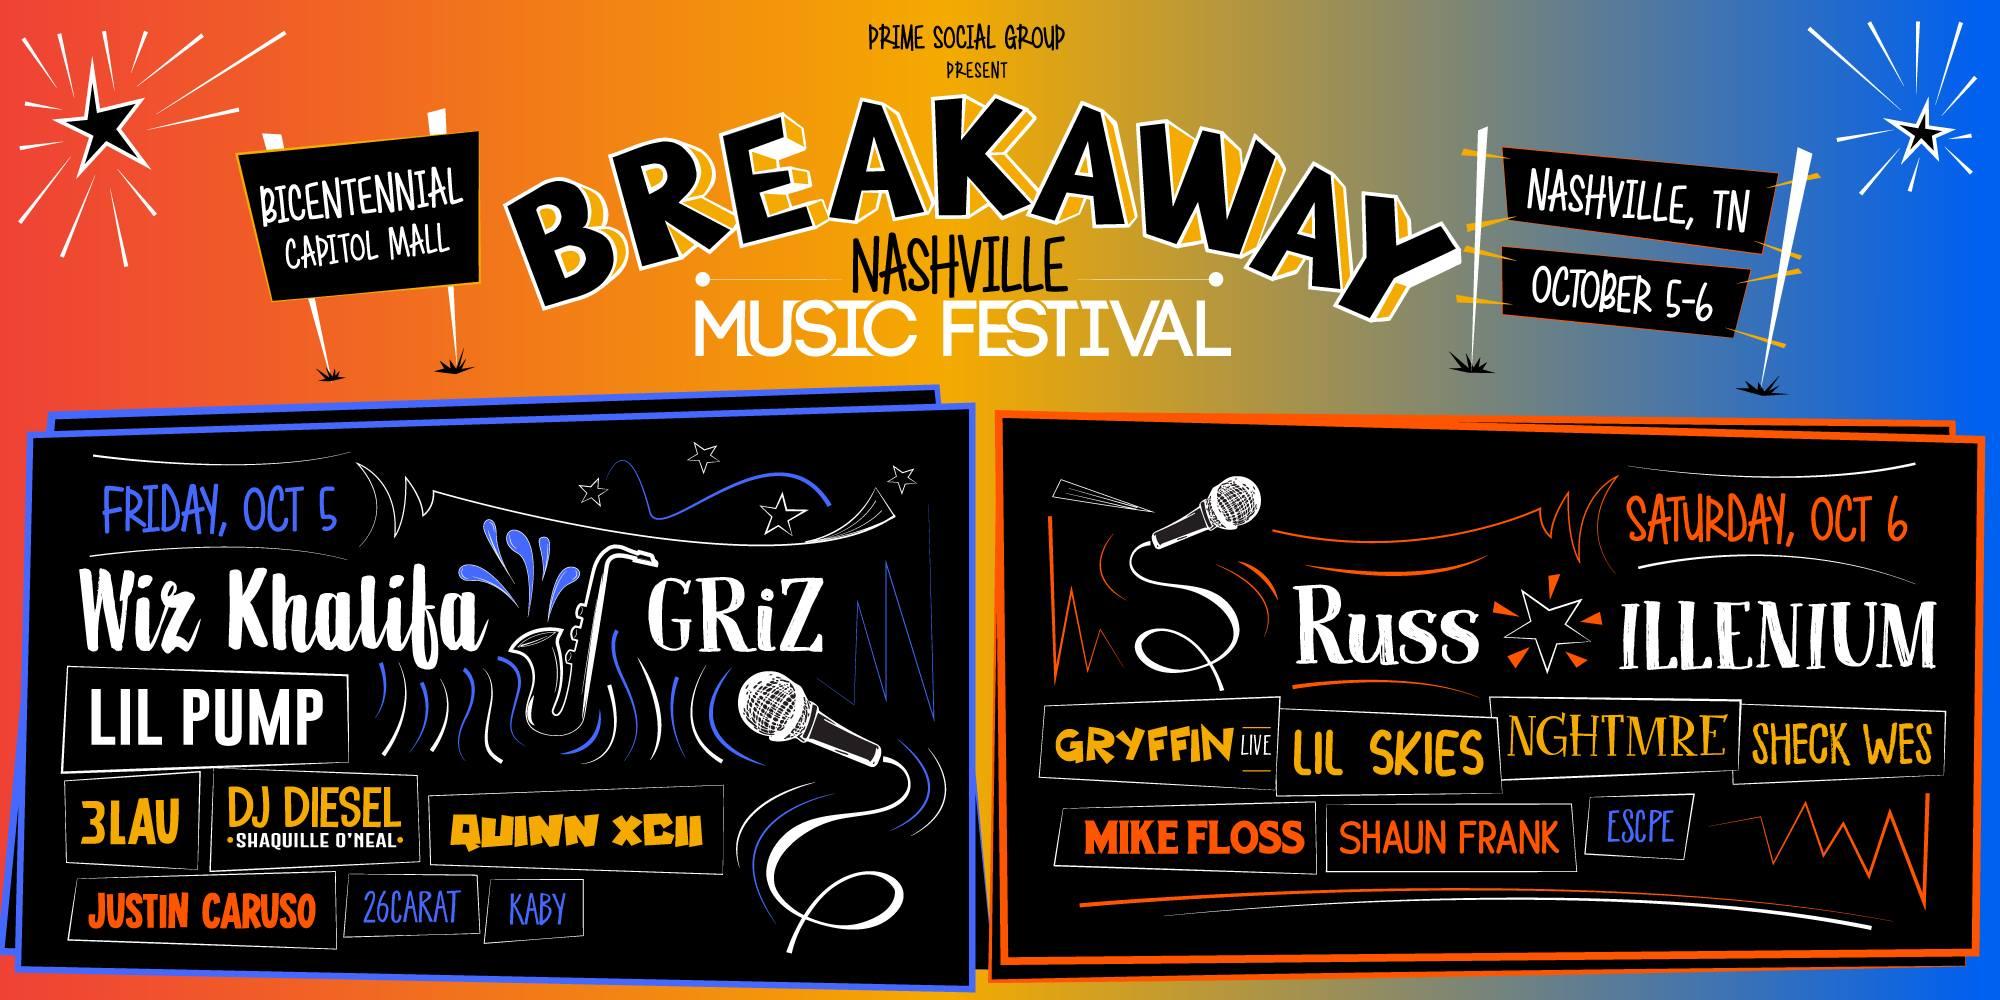 Breakaway Music Festival Nashville Win Tickets Giveaway